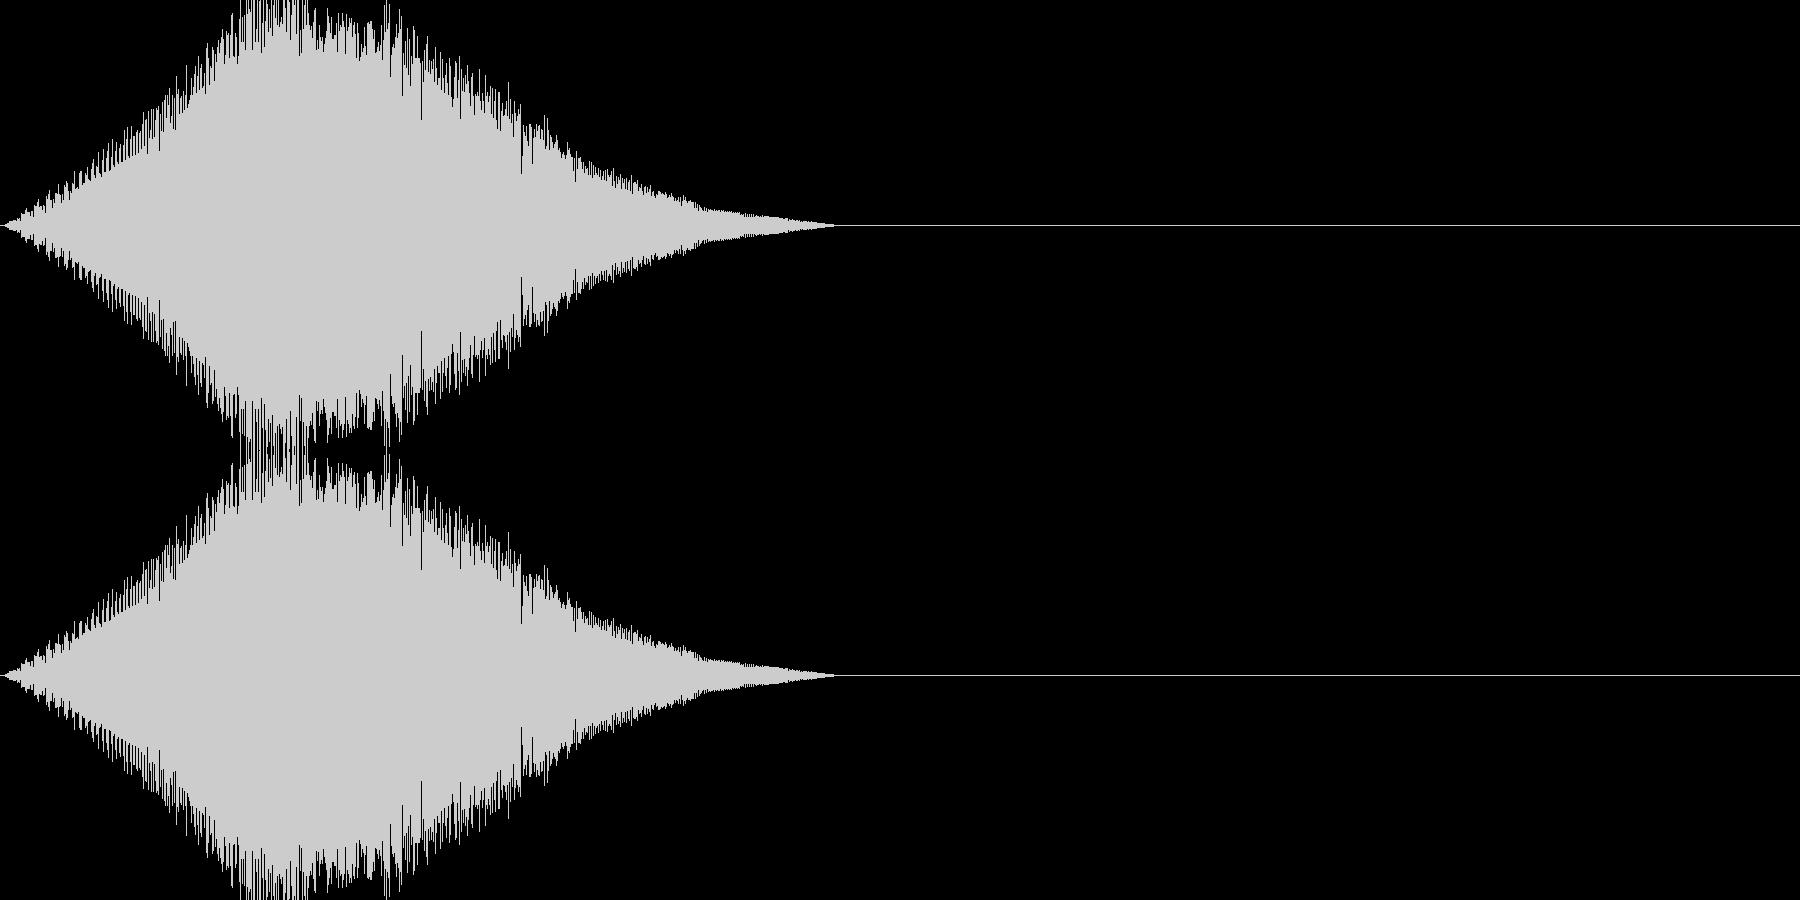 レトロゲーム風・スタート#4の未再生の波形